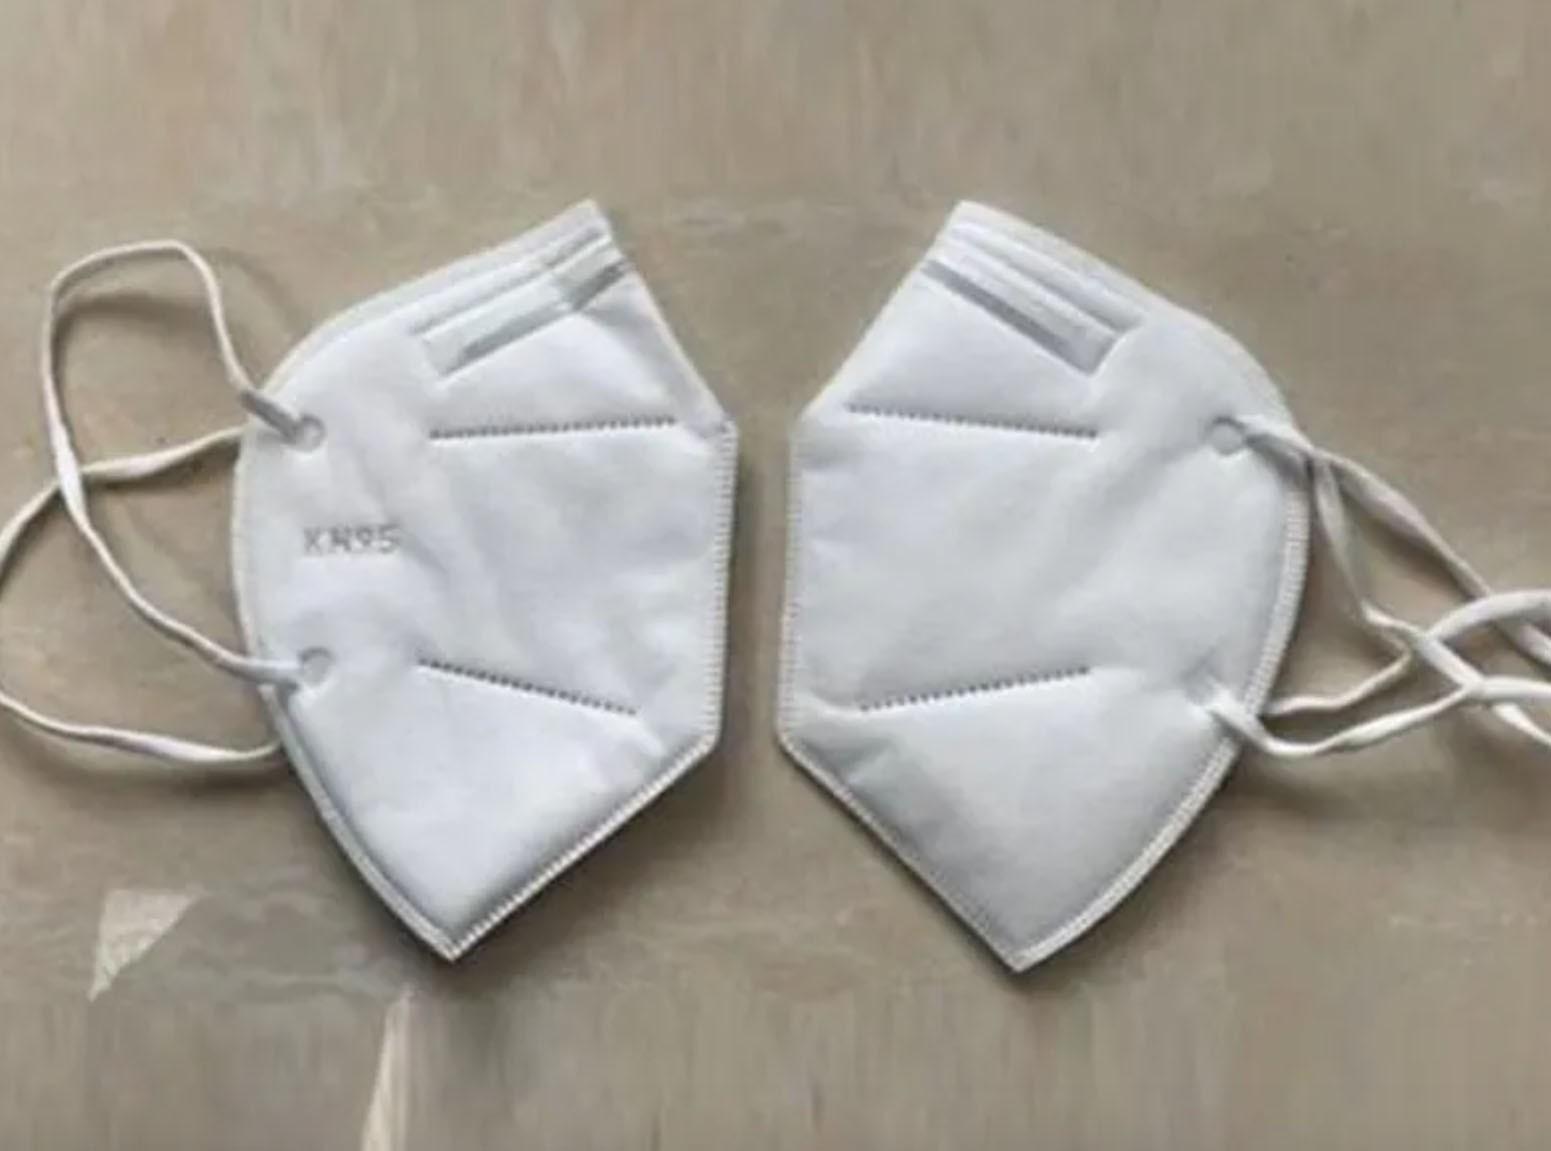 Máscara Cirúrgica KN95 - Caixa com 50 unidades